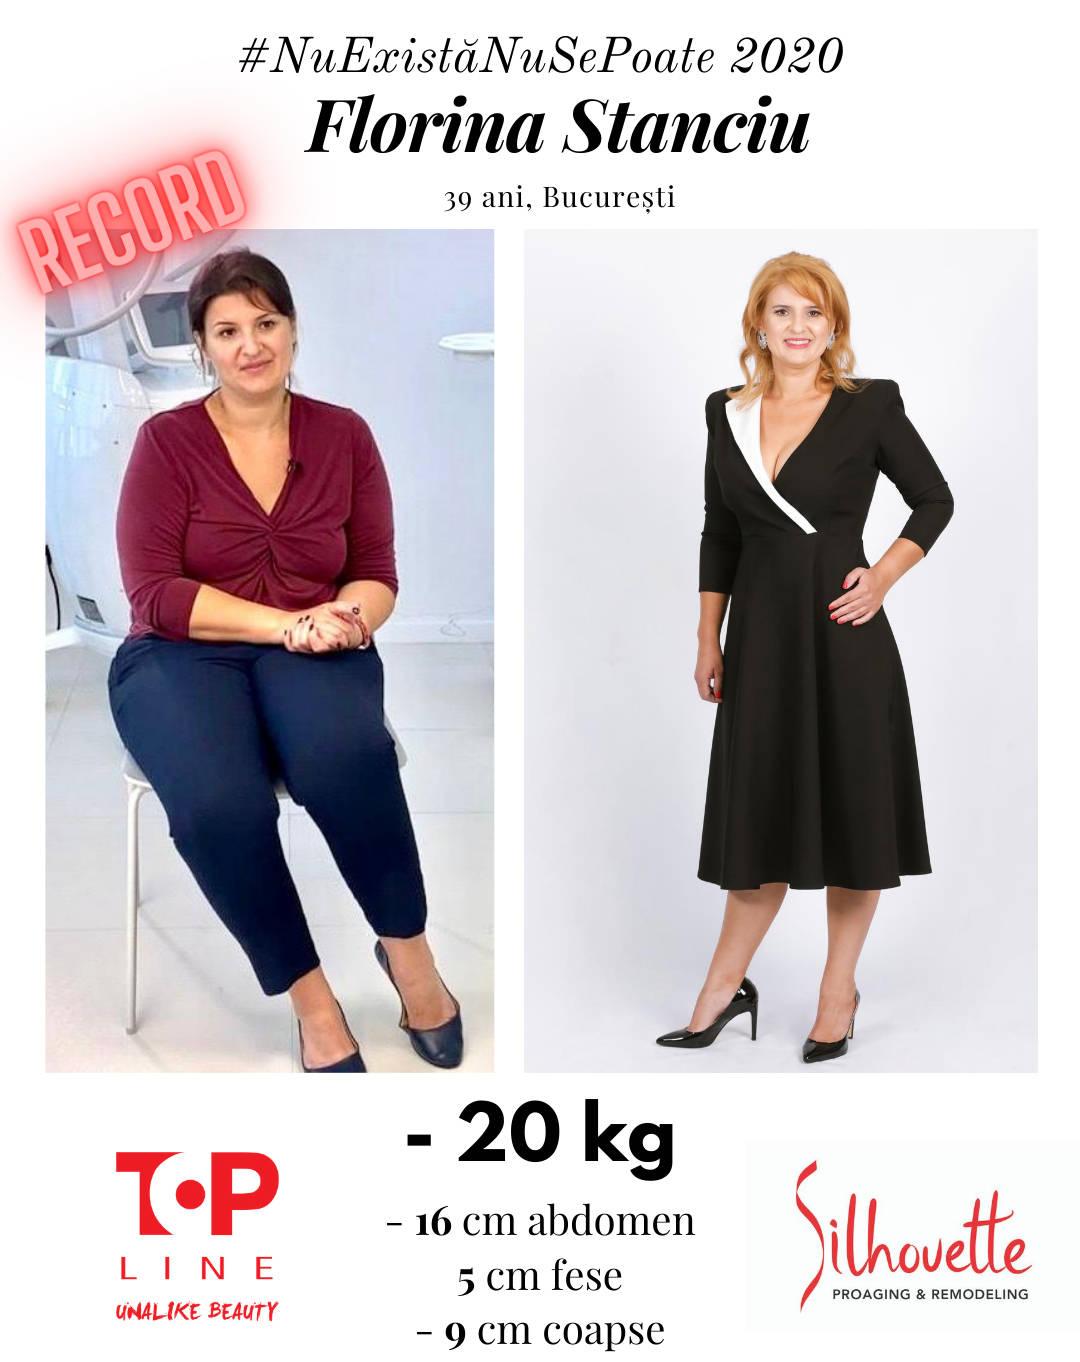 cata pierdere in greutate in 8 saptamani scădere maximă în greutate în 10 săptămâni